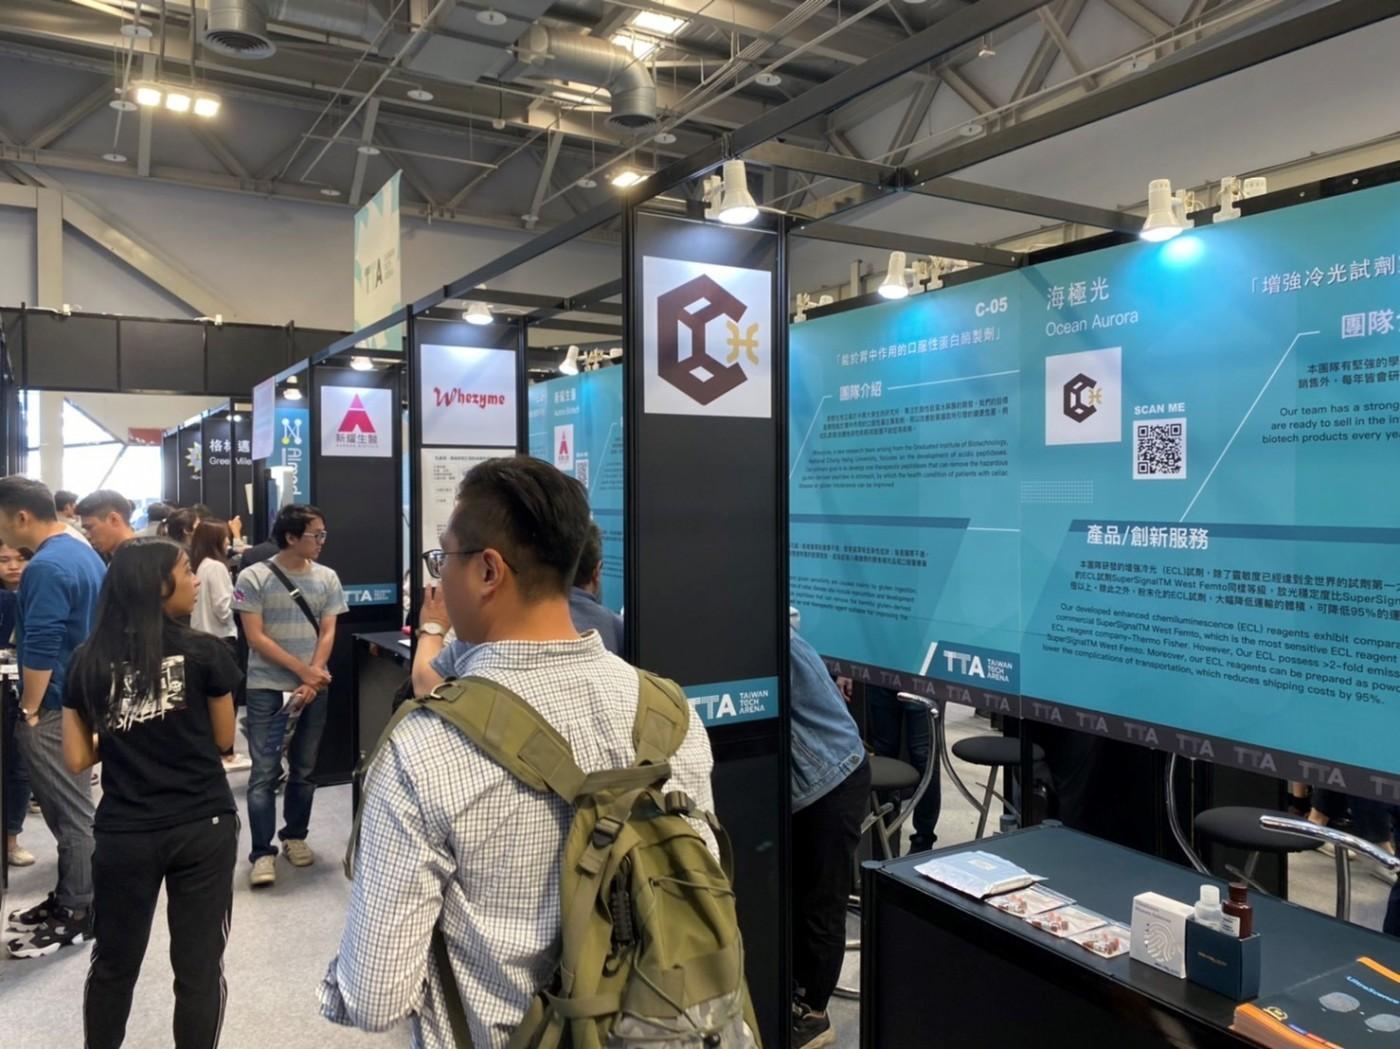 科技部6大計畫挖掘學校前瞻創新 激盪臺灣旺盛創業能量